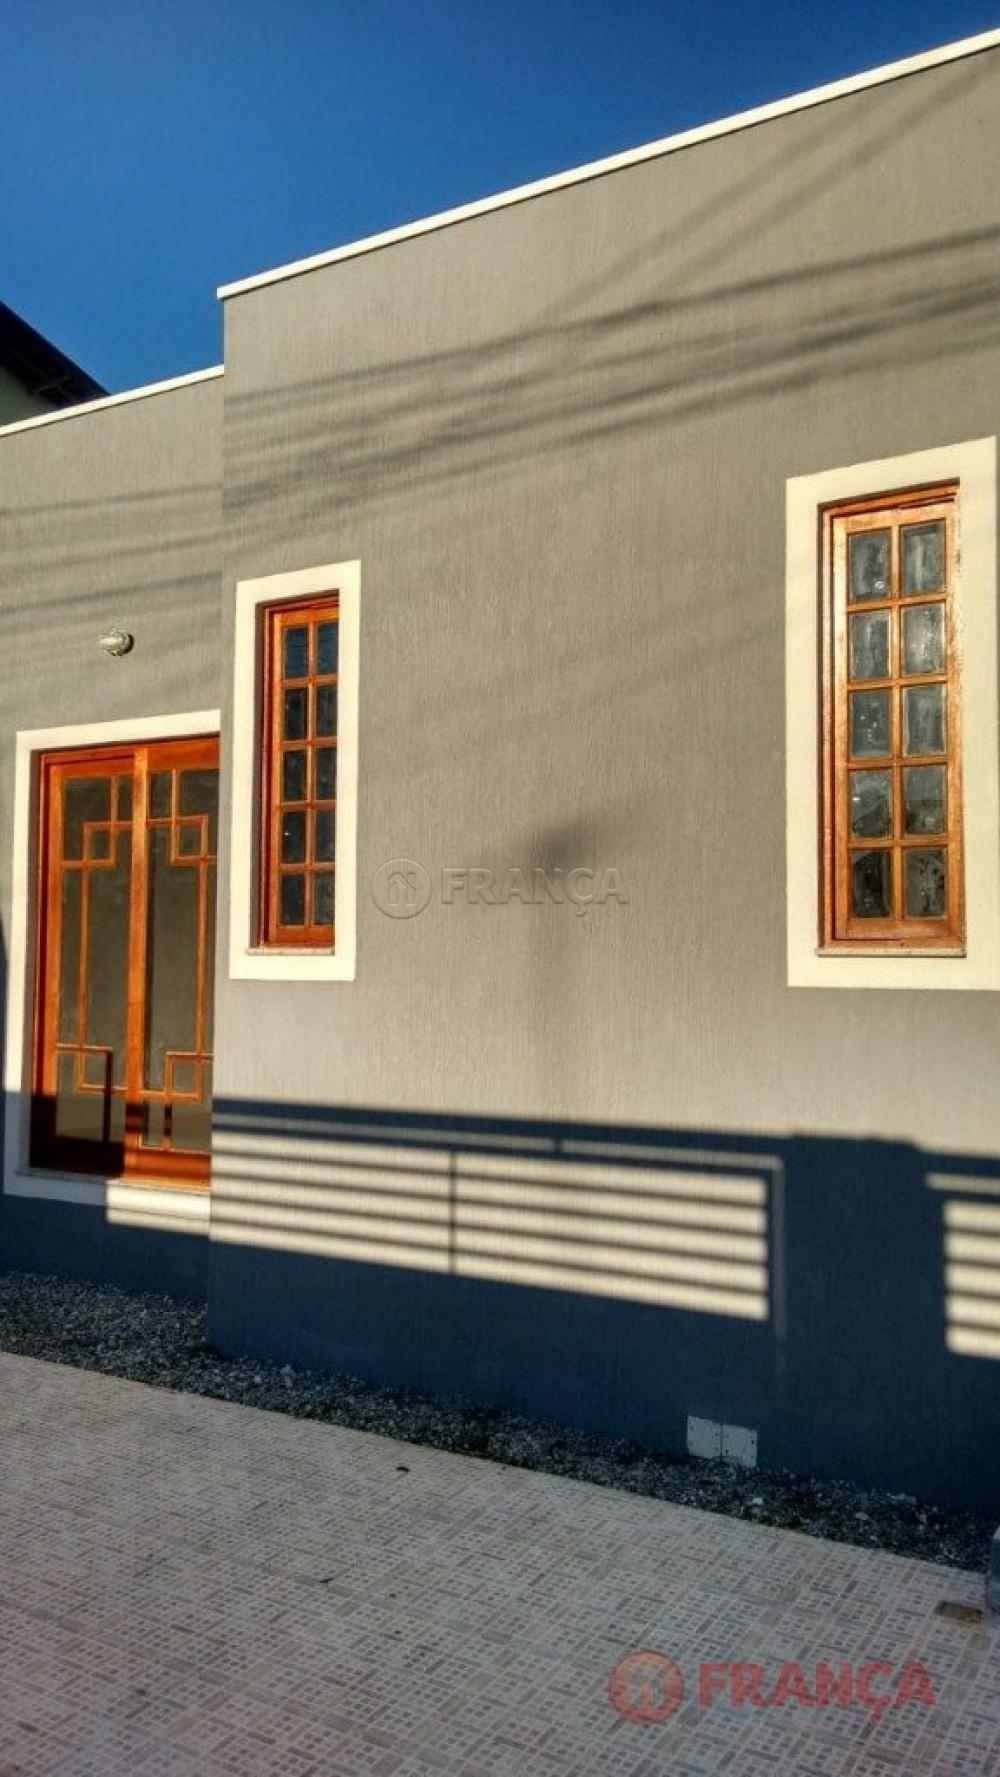 Comprar Casa / Padrão em Jacareí apenas R$ 265.000,00 - Foto 46